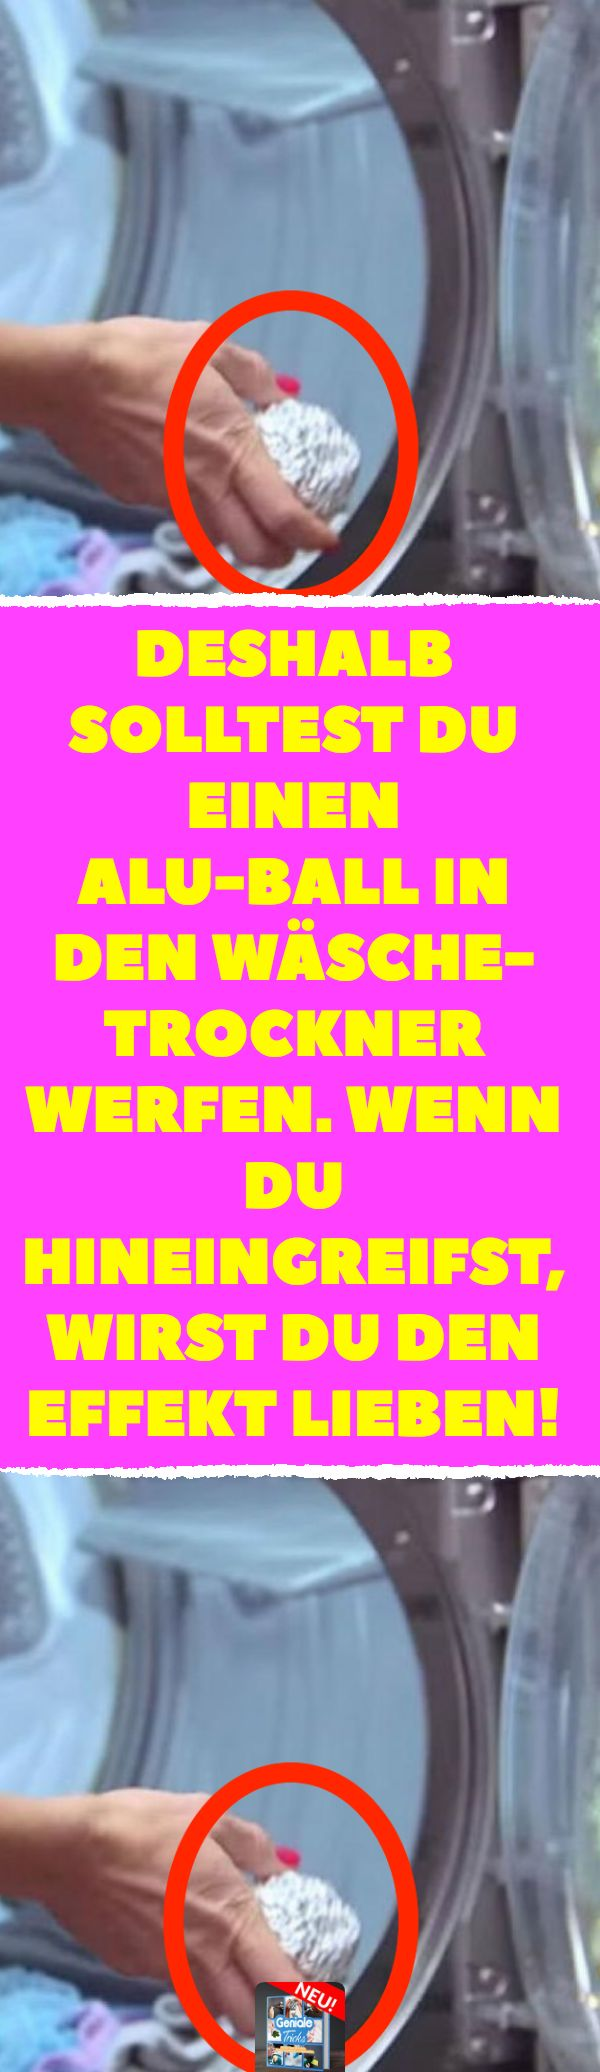 Deshalb solltest du einen Alu-Ball in den Wäschetrockner werfen. Wenn du hinein…